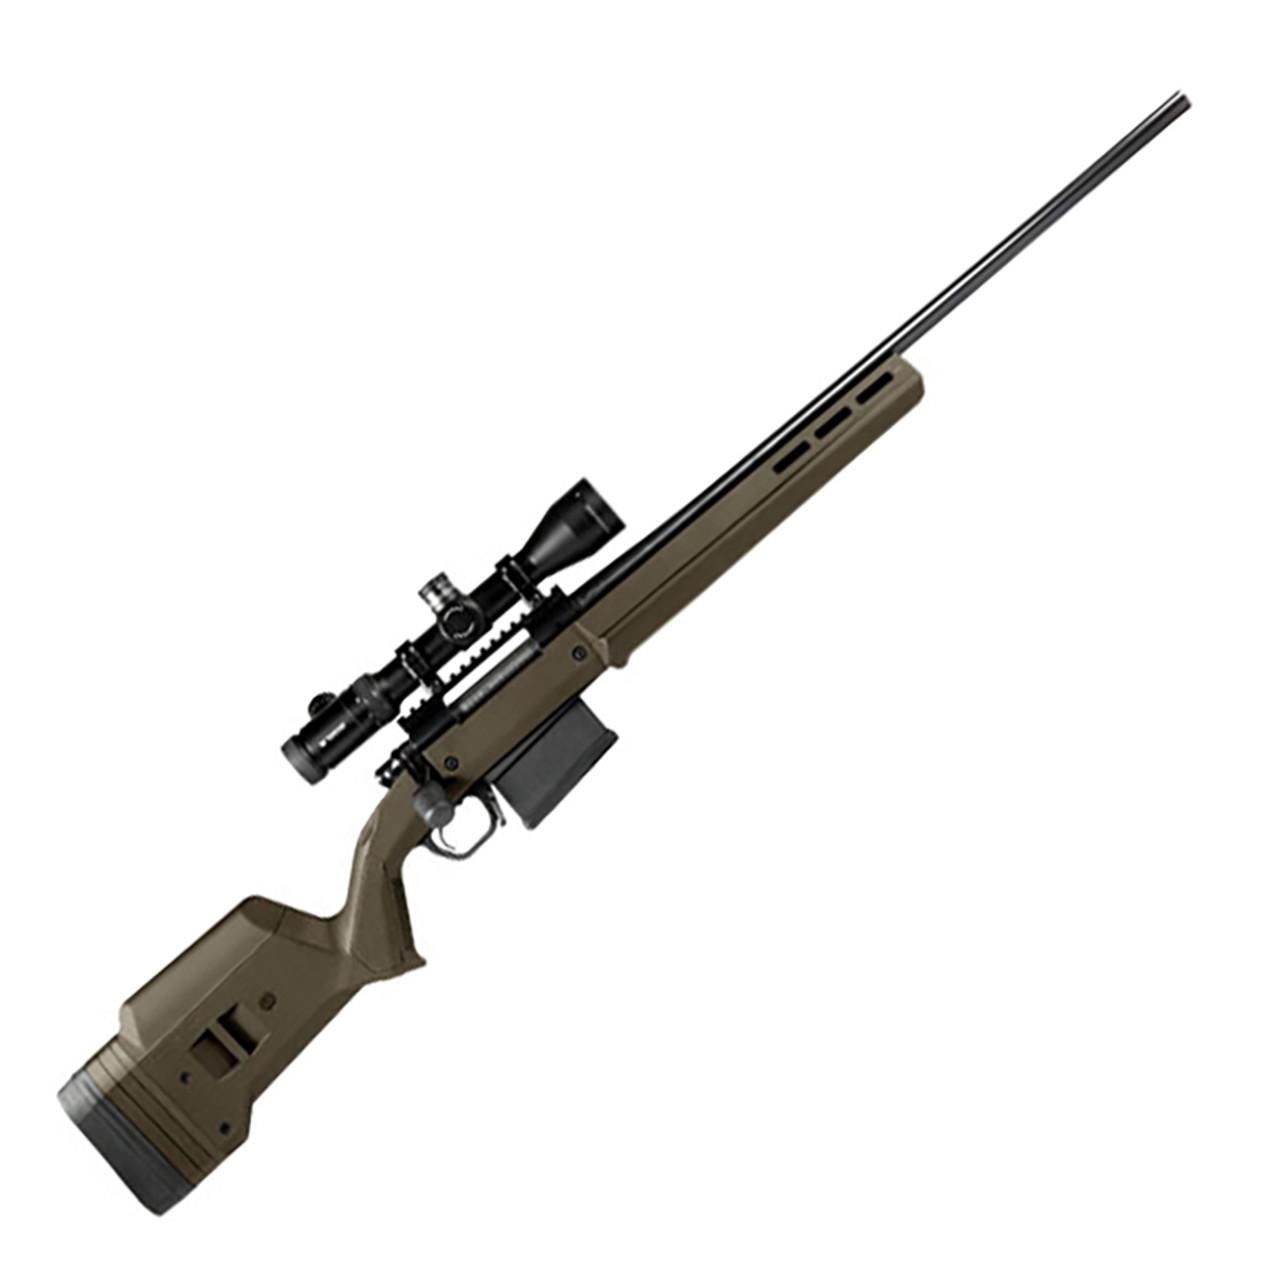 Magpul Hunter 700 Long Action Remington Stocks